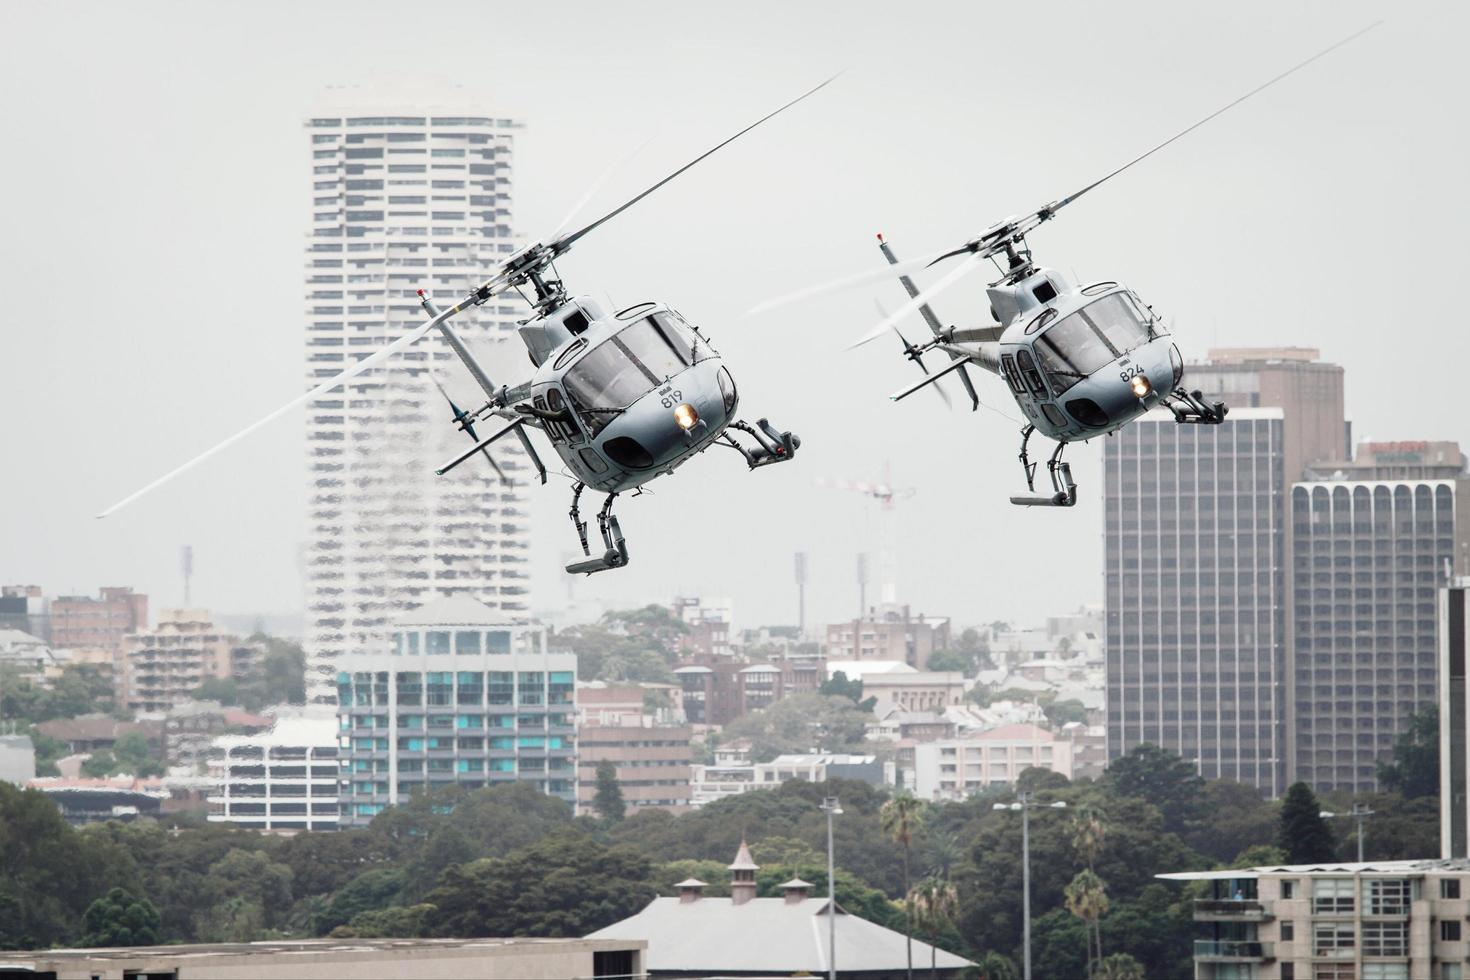 Sydney, Australien, 2020 - zwei Hubschrauber fliegen in der Stadt foto